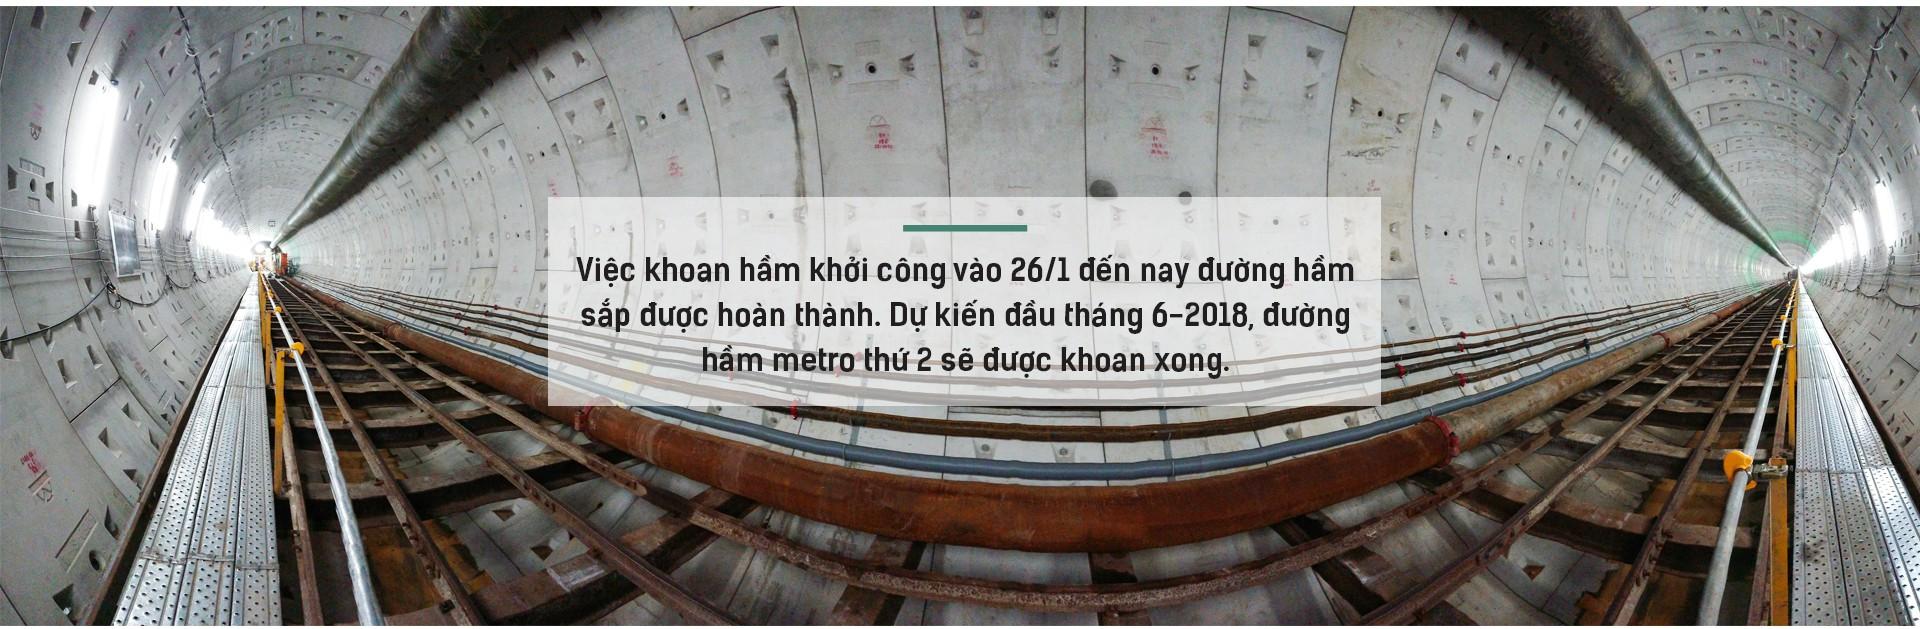 Ngắm đường hầm tàu điện đầu tiên tại Việt Nam sâu 17m dưới lòng đất Sài Gòn - Ảnh 7.